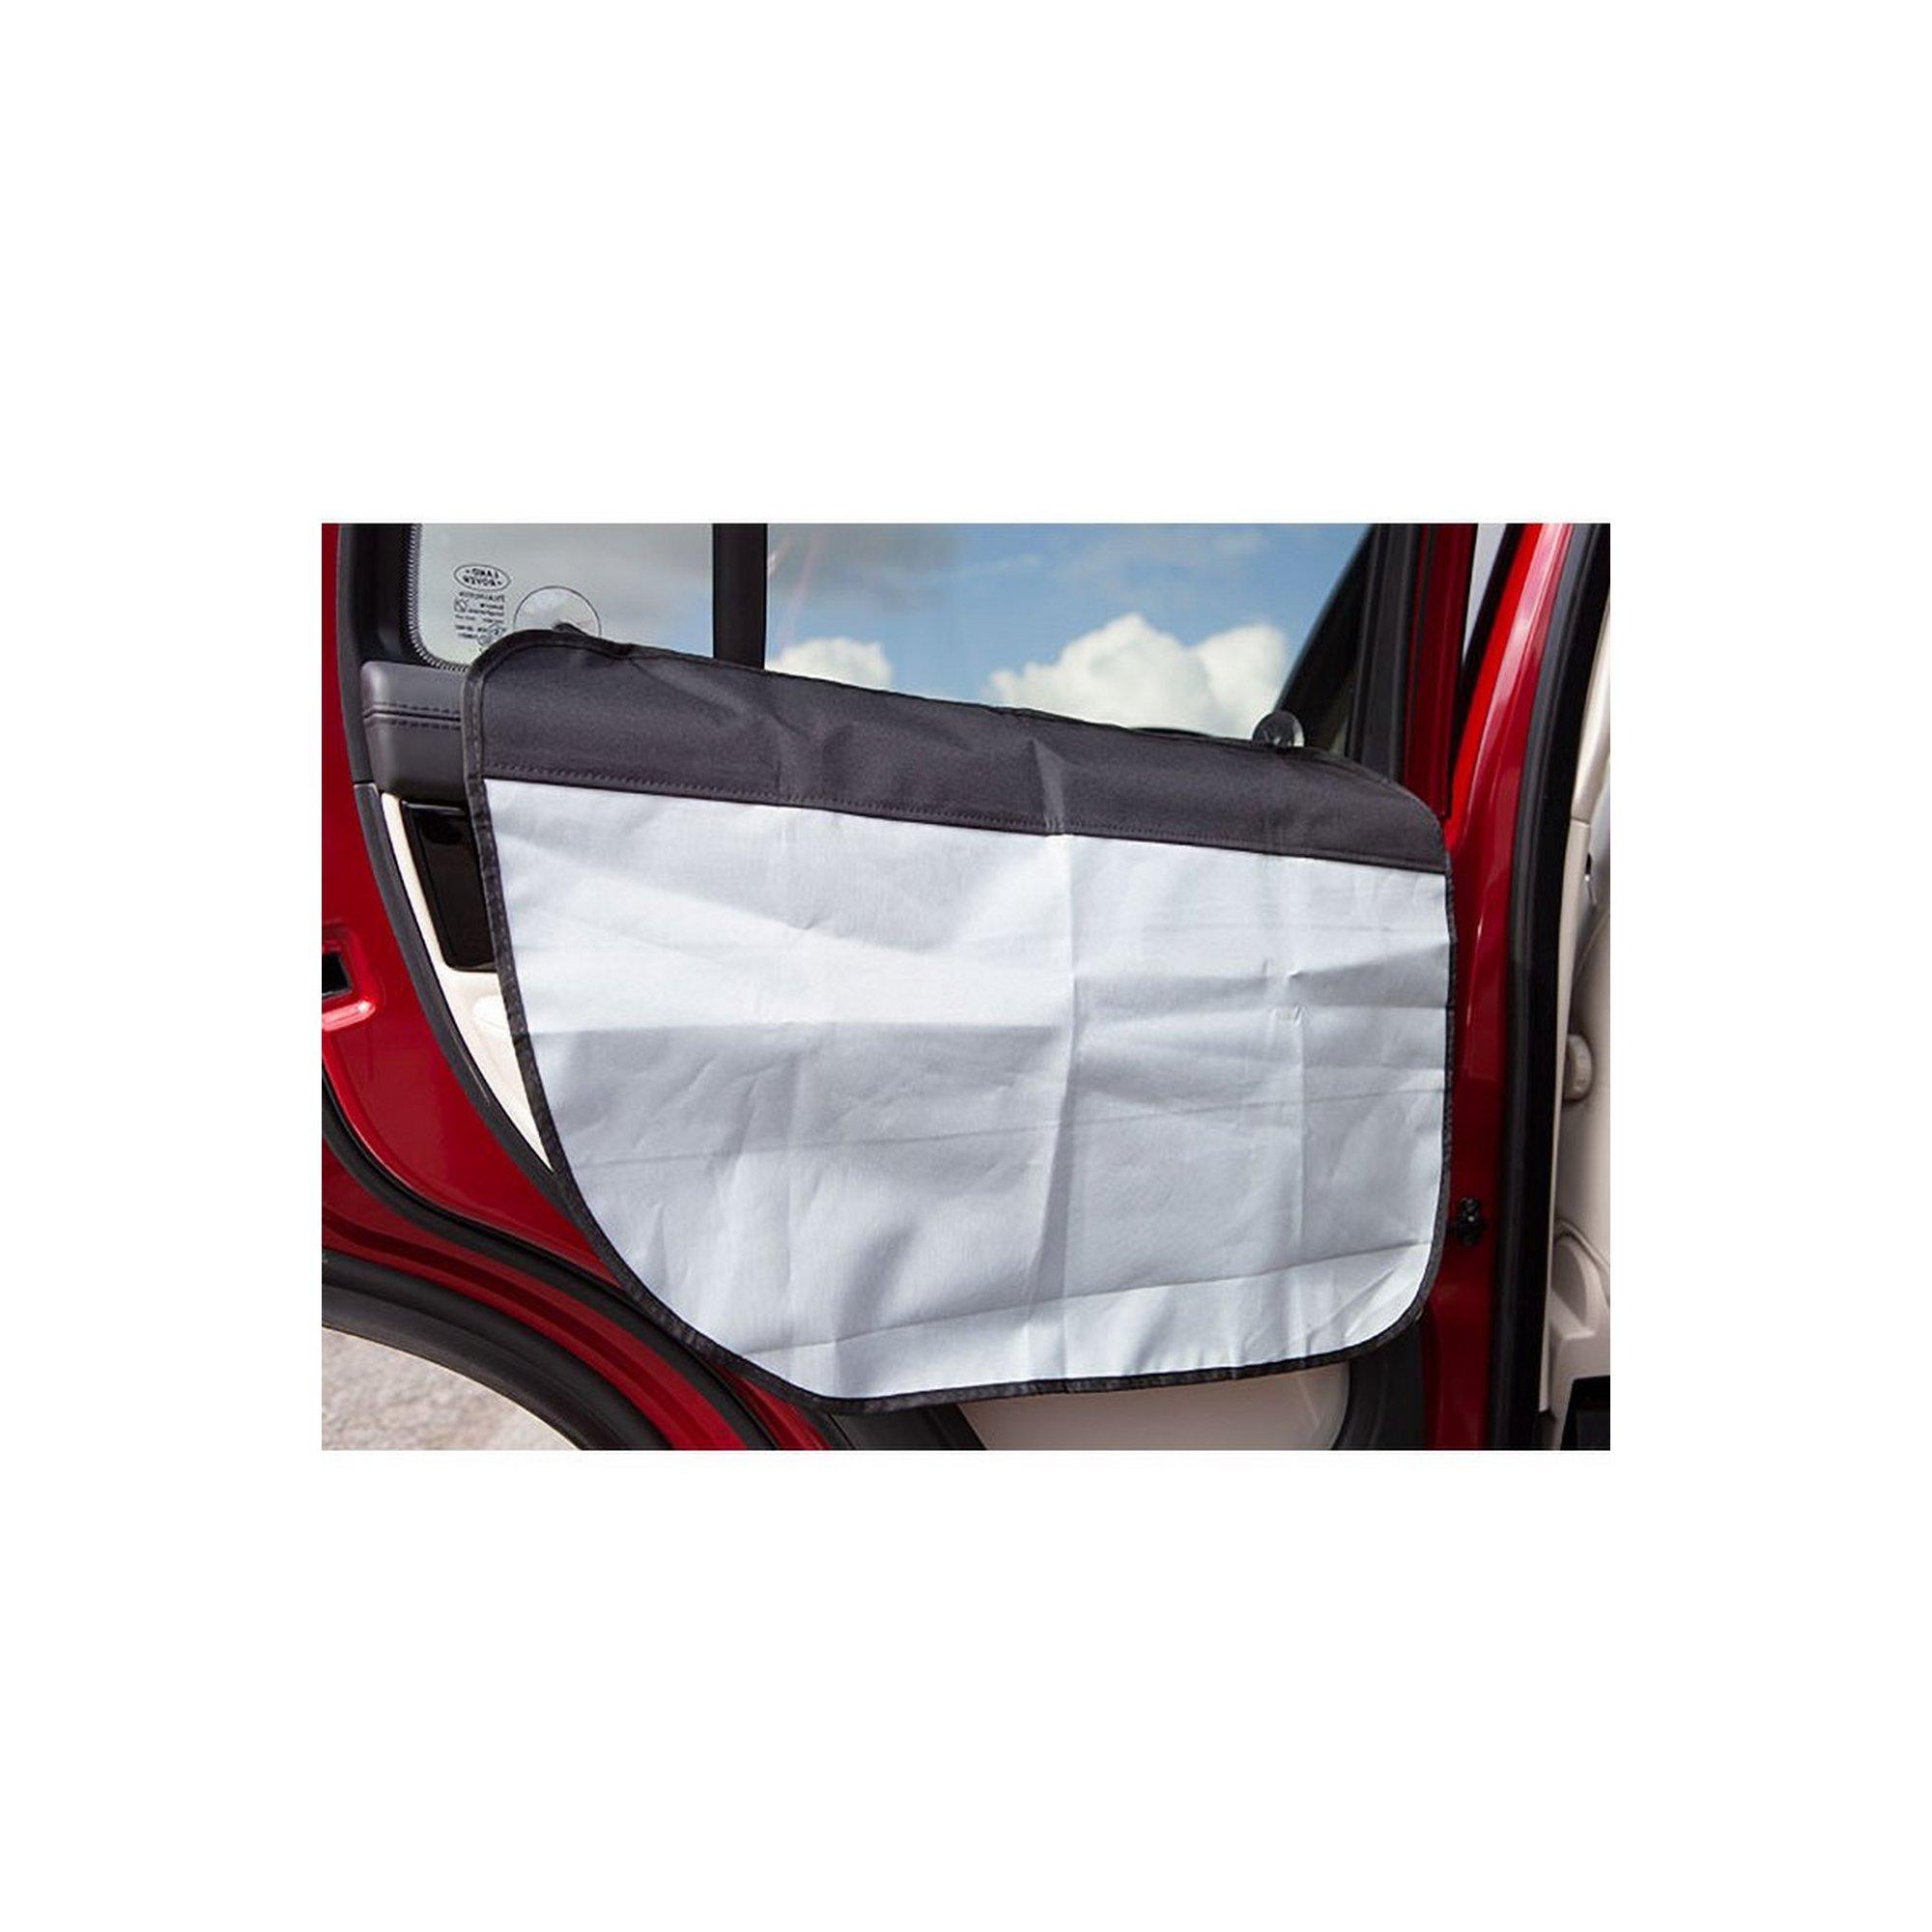 Image of Set of 2 Car Door Protectors